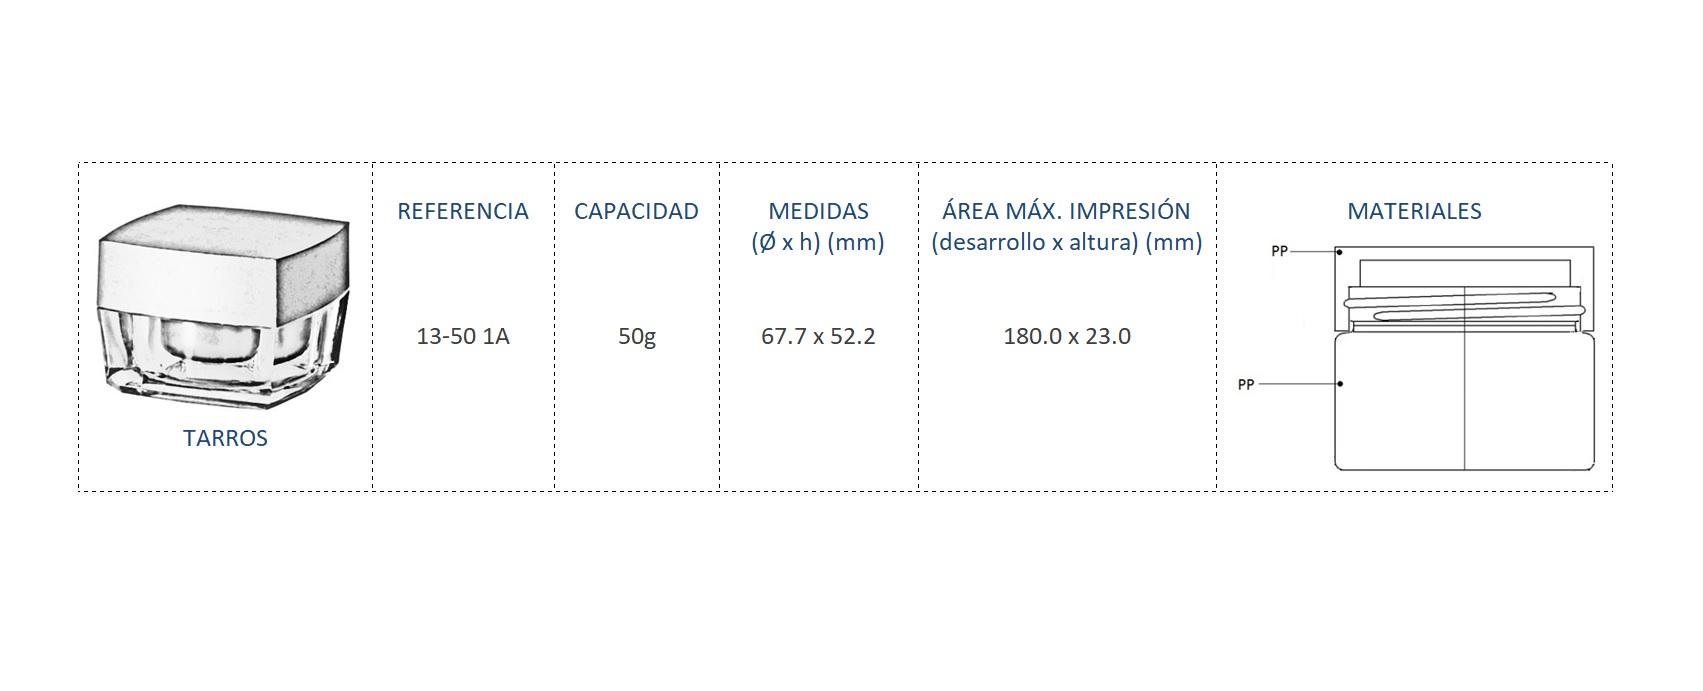 Cuadro de materiales 13-50 1A